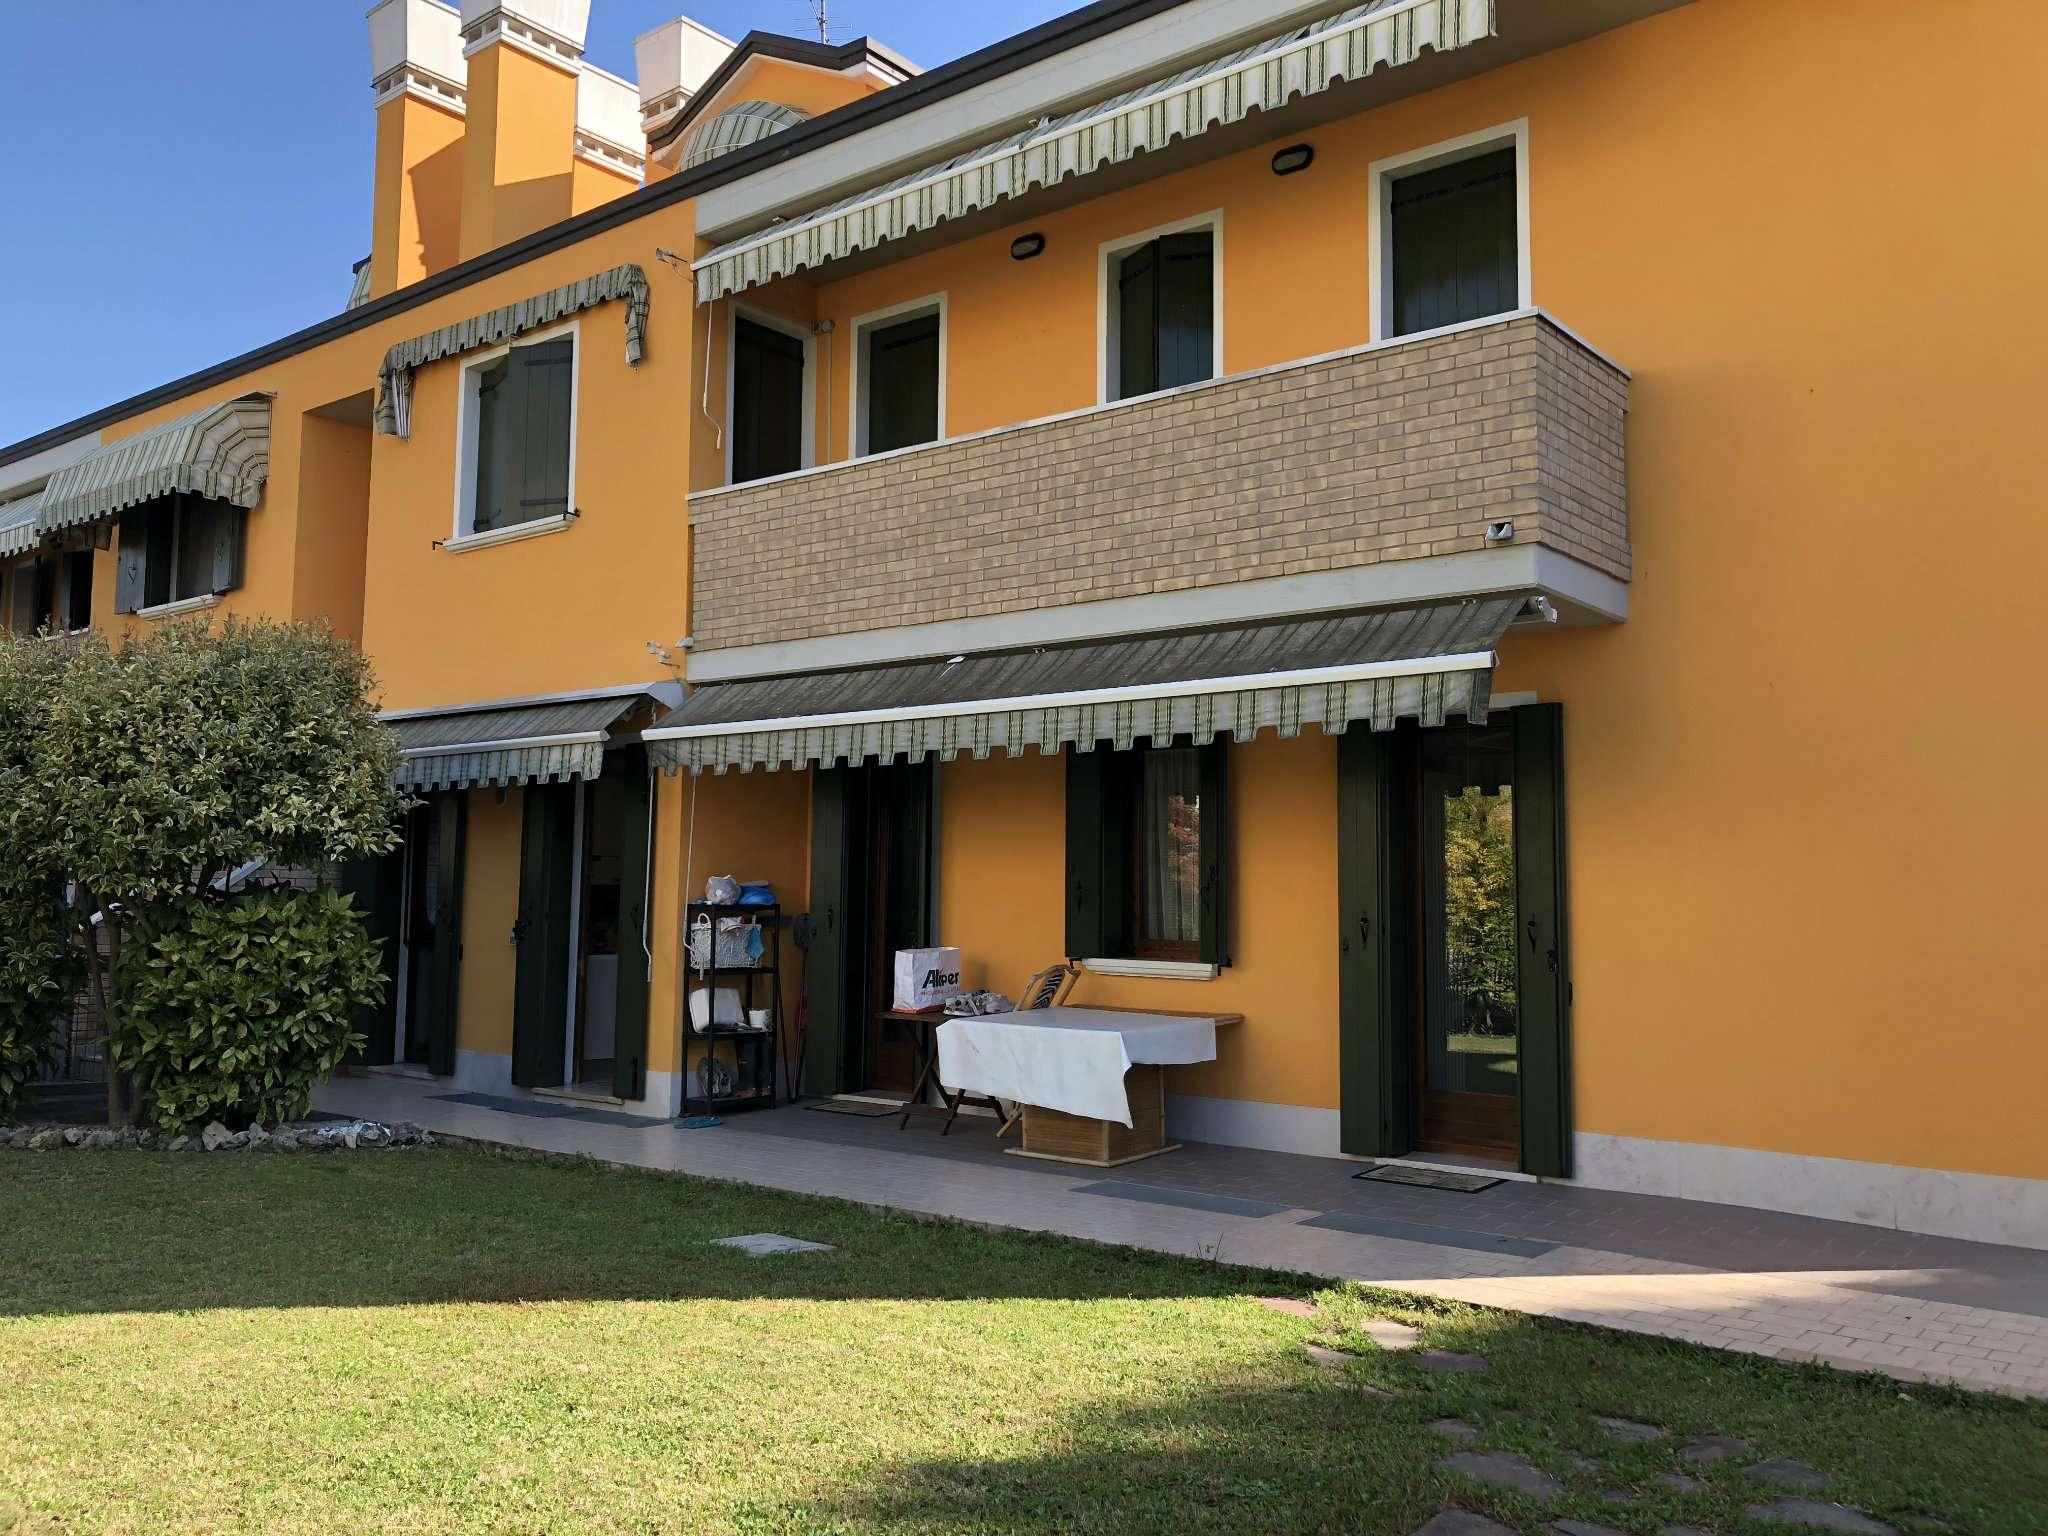 Appartamento in vendita a Mira, 3 locali, prezzo € 149.000   CambioCasa.it